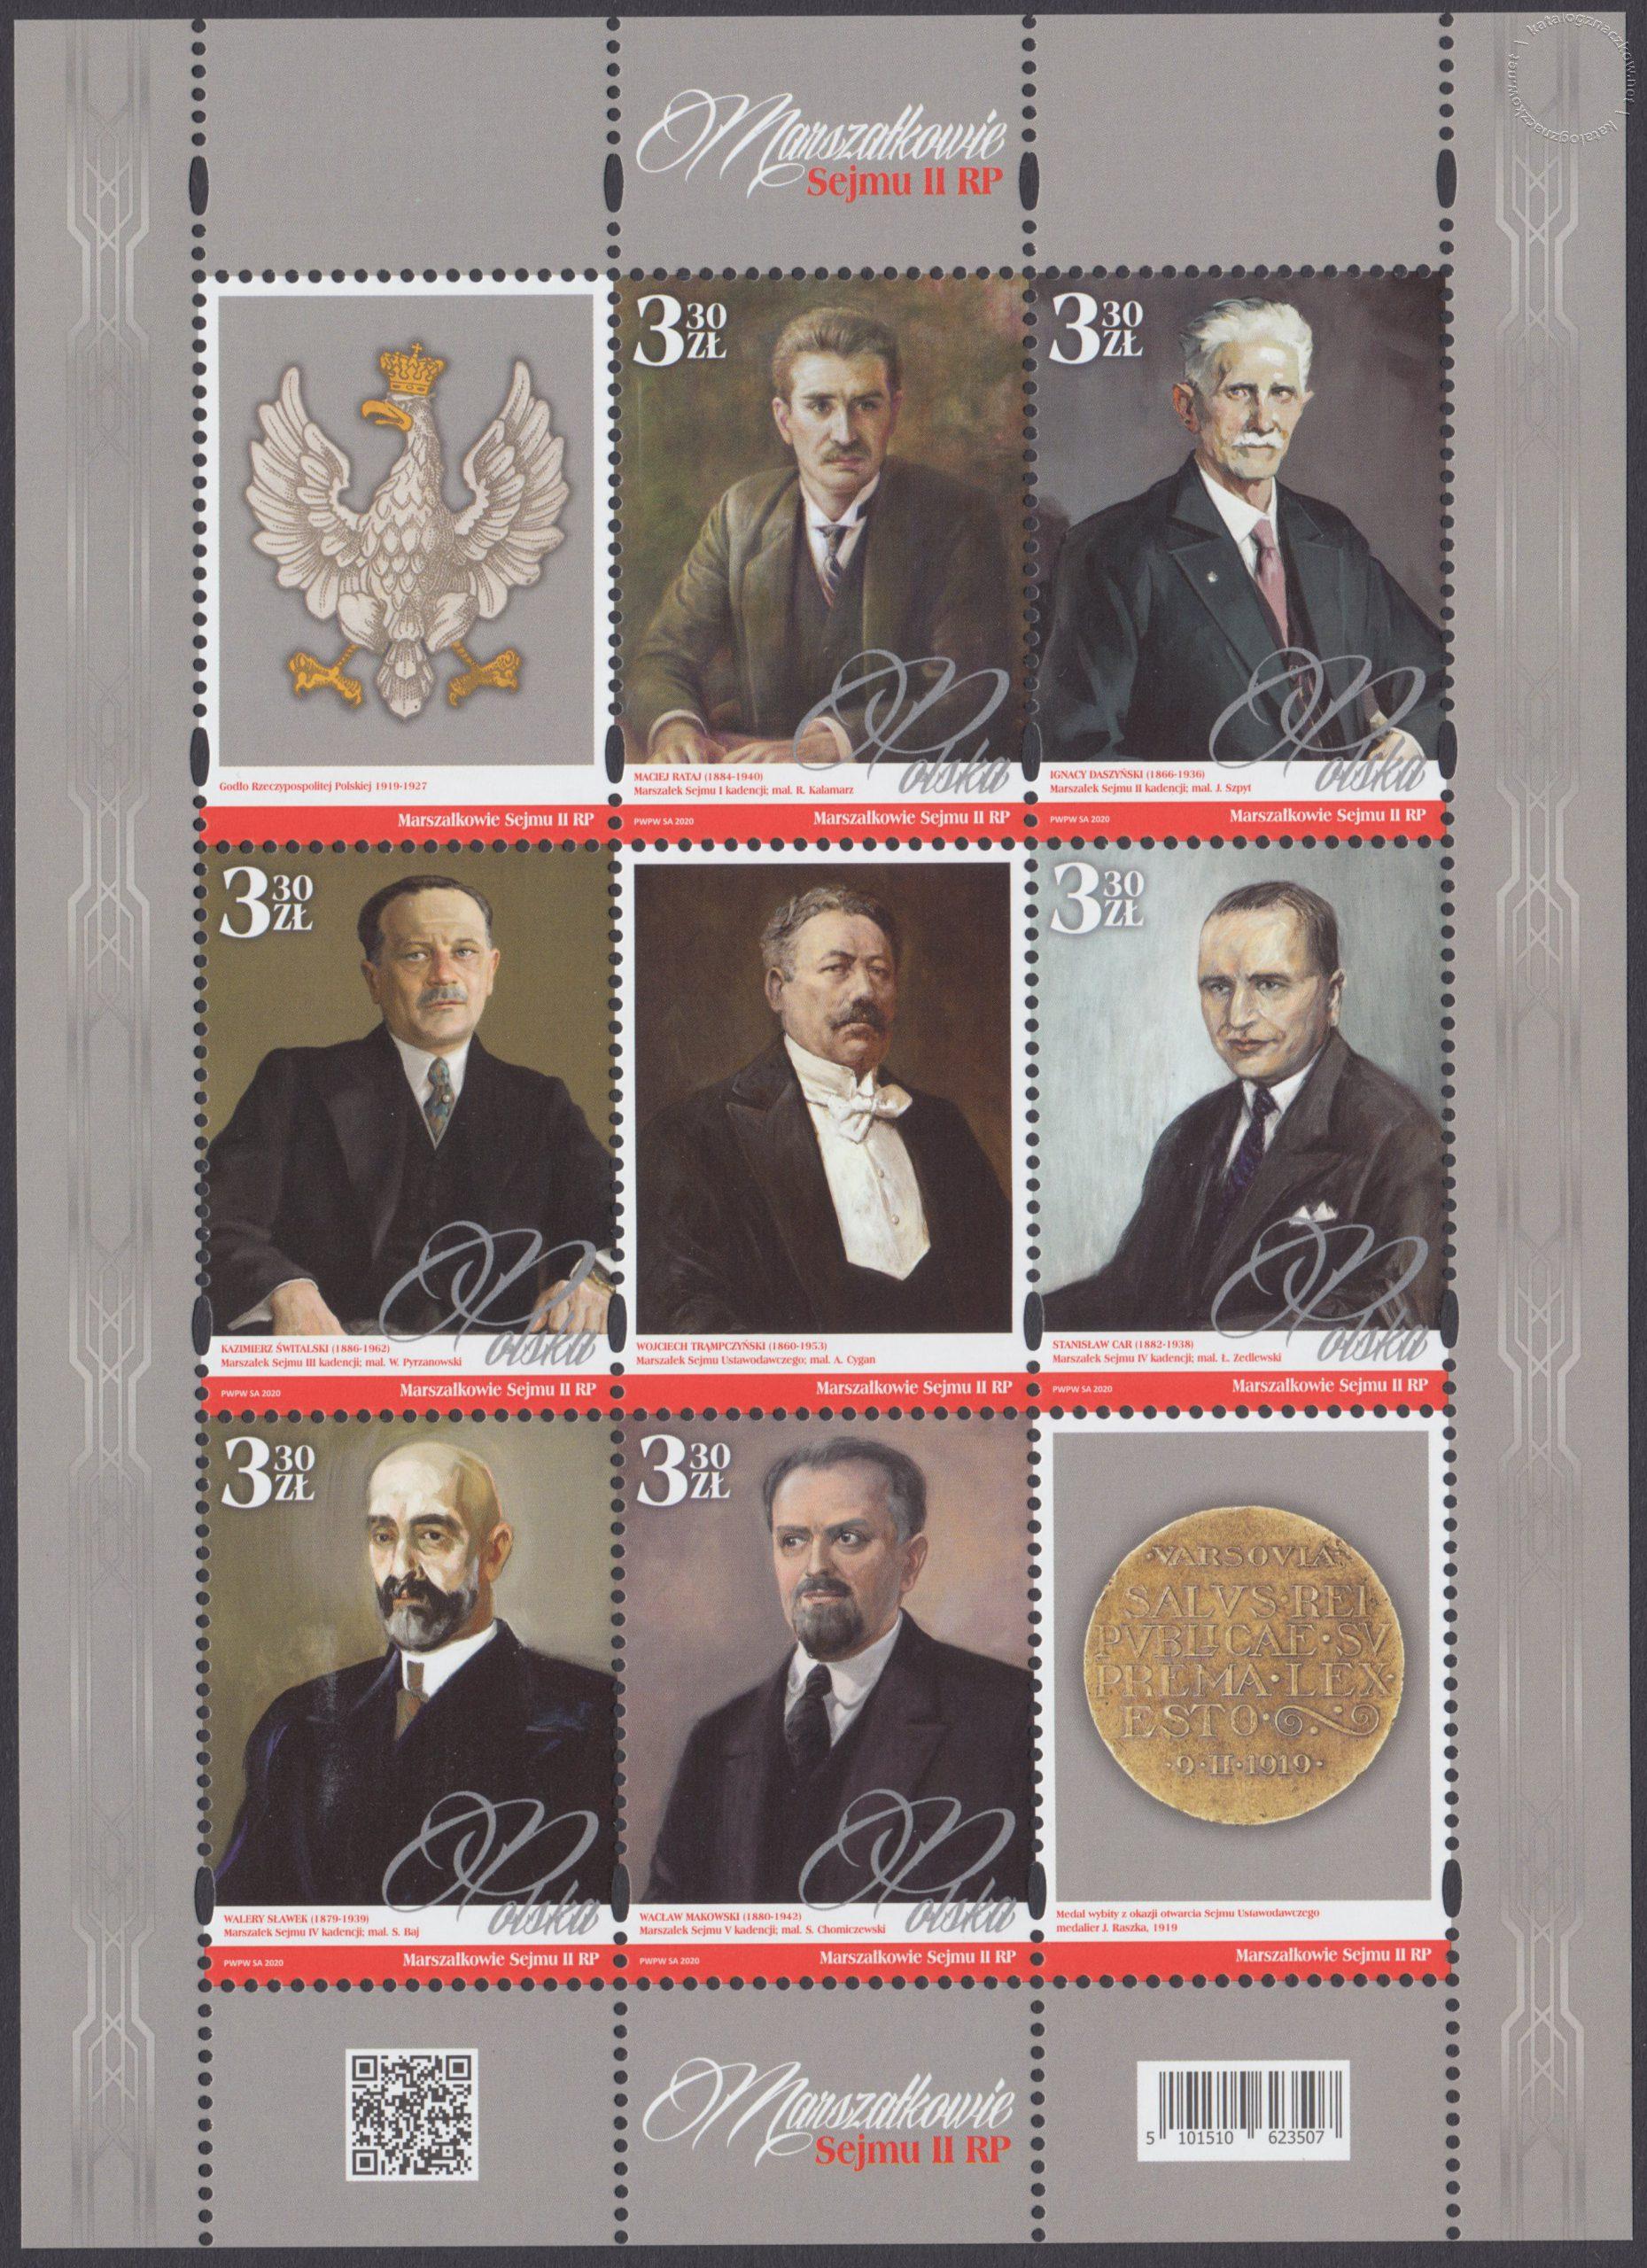 Marszałkowie Sejmu II RP – Blok 235